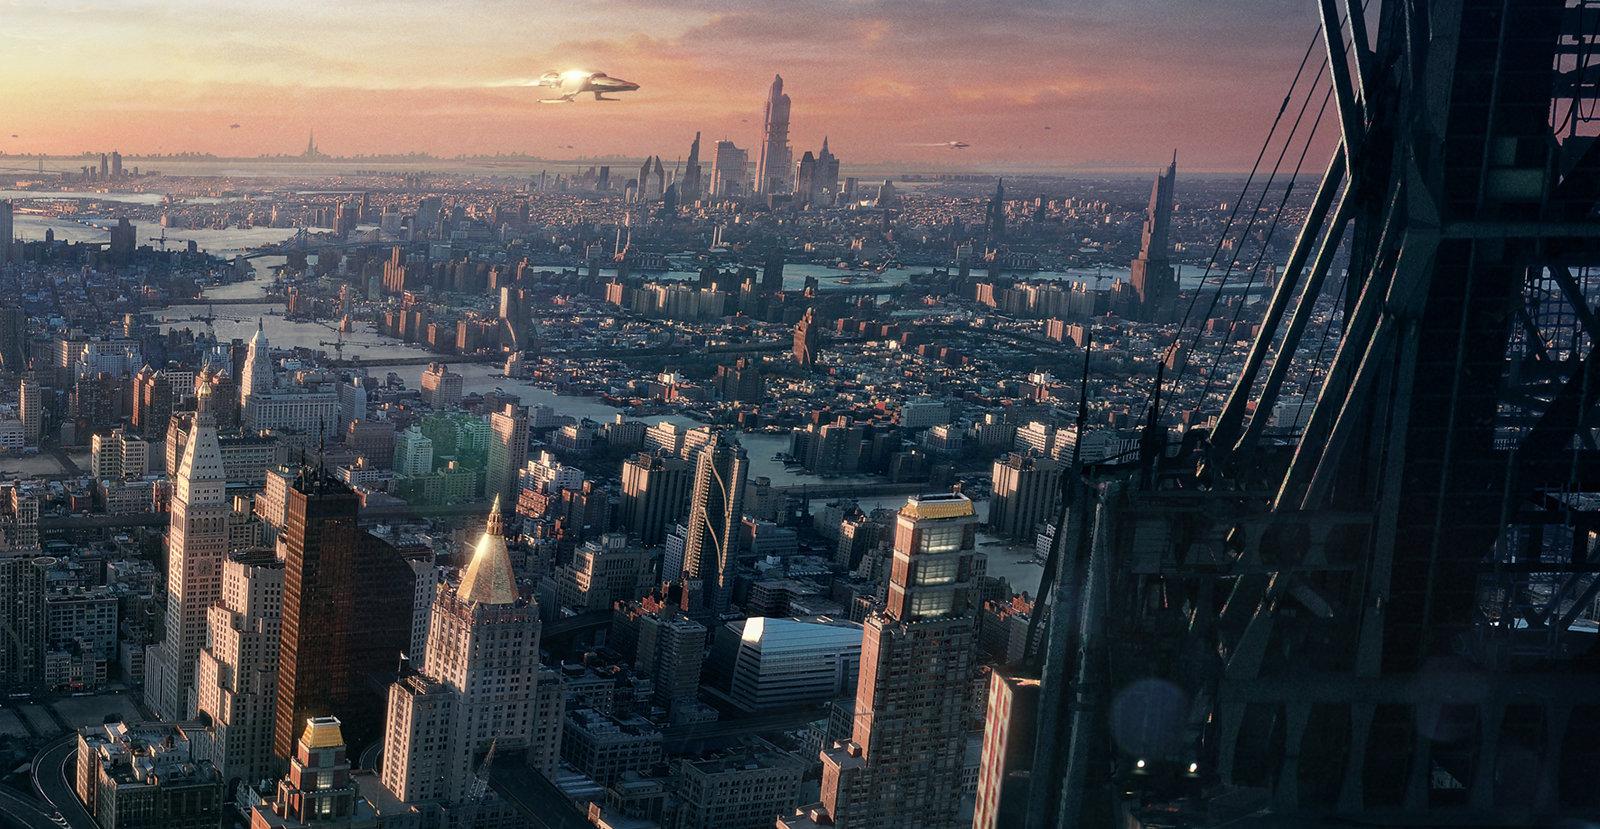 Nikolay Razuev - The near future city